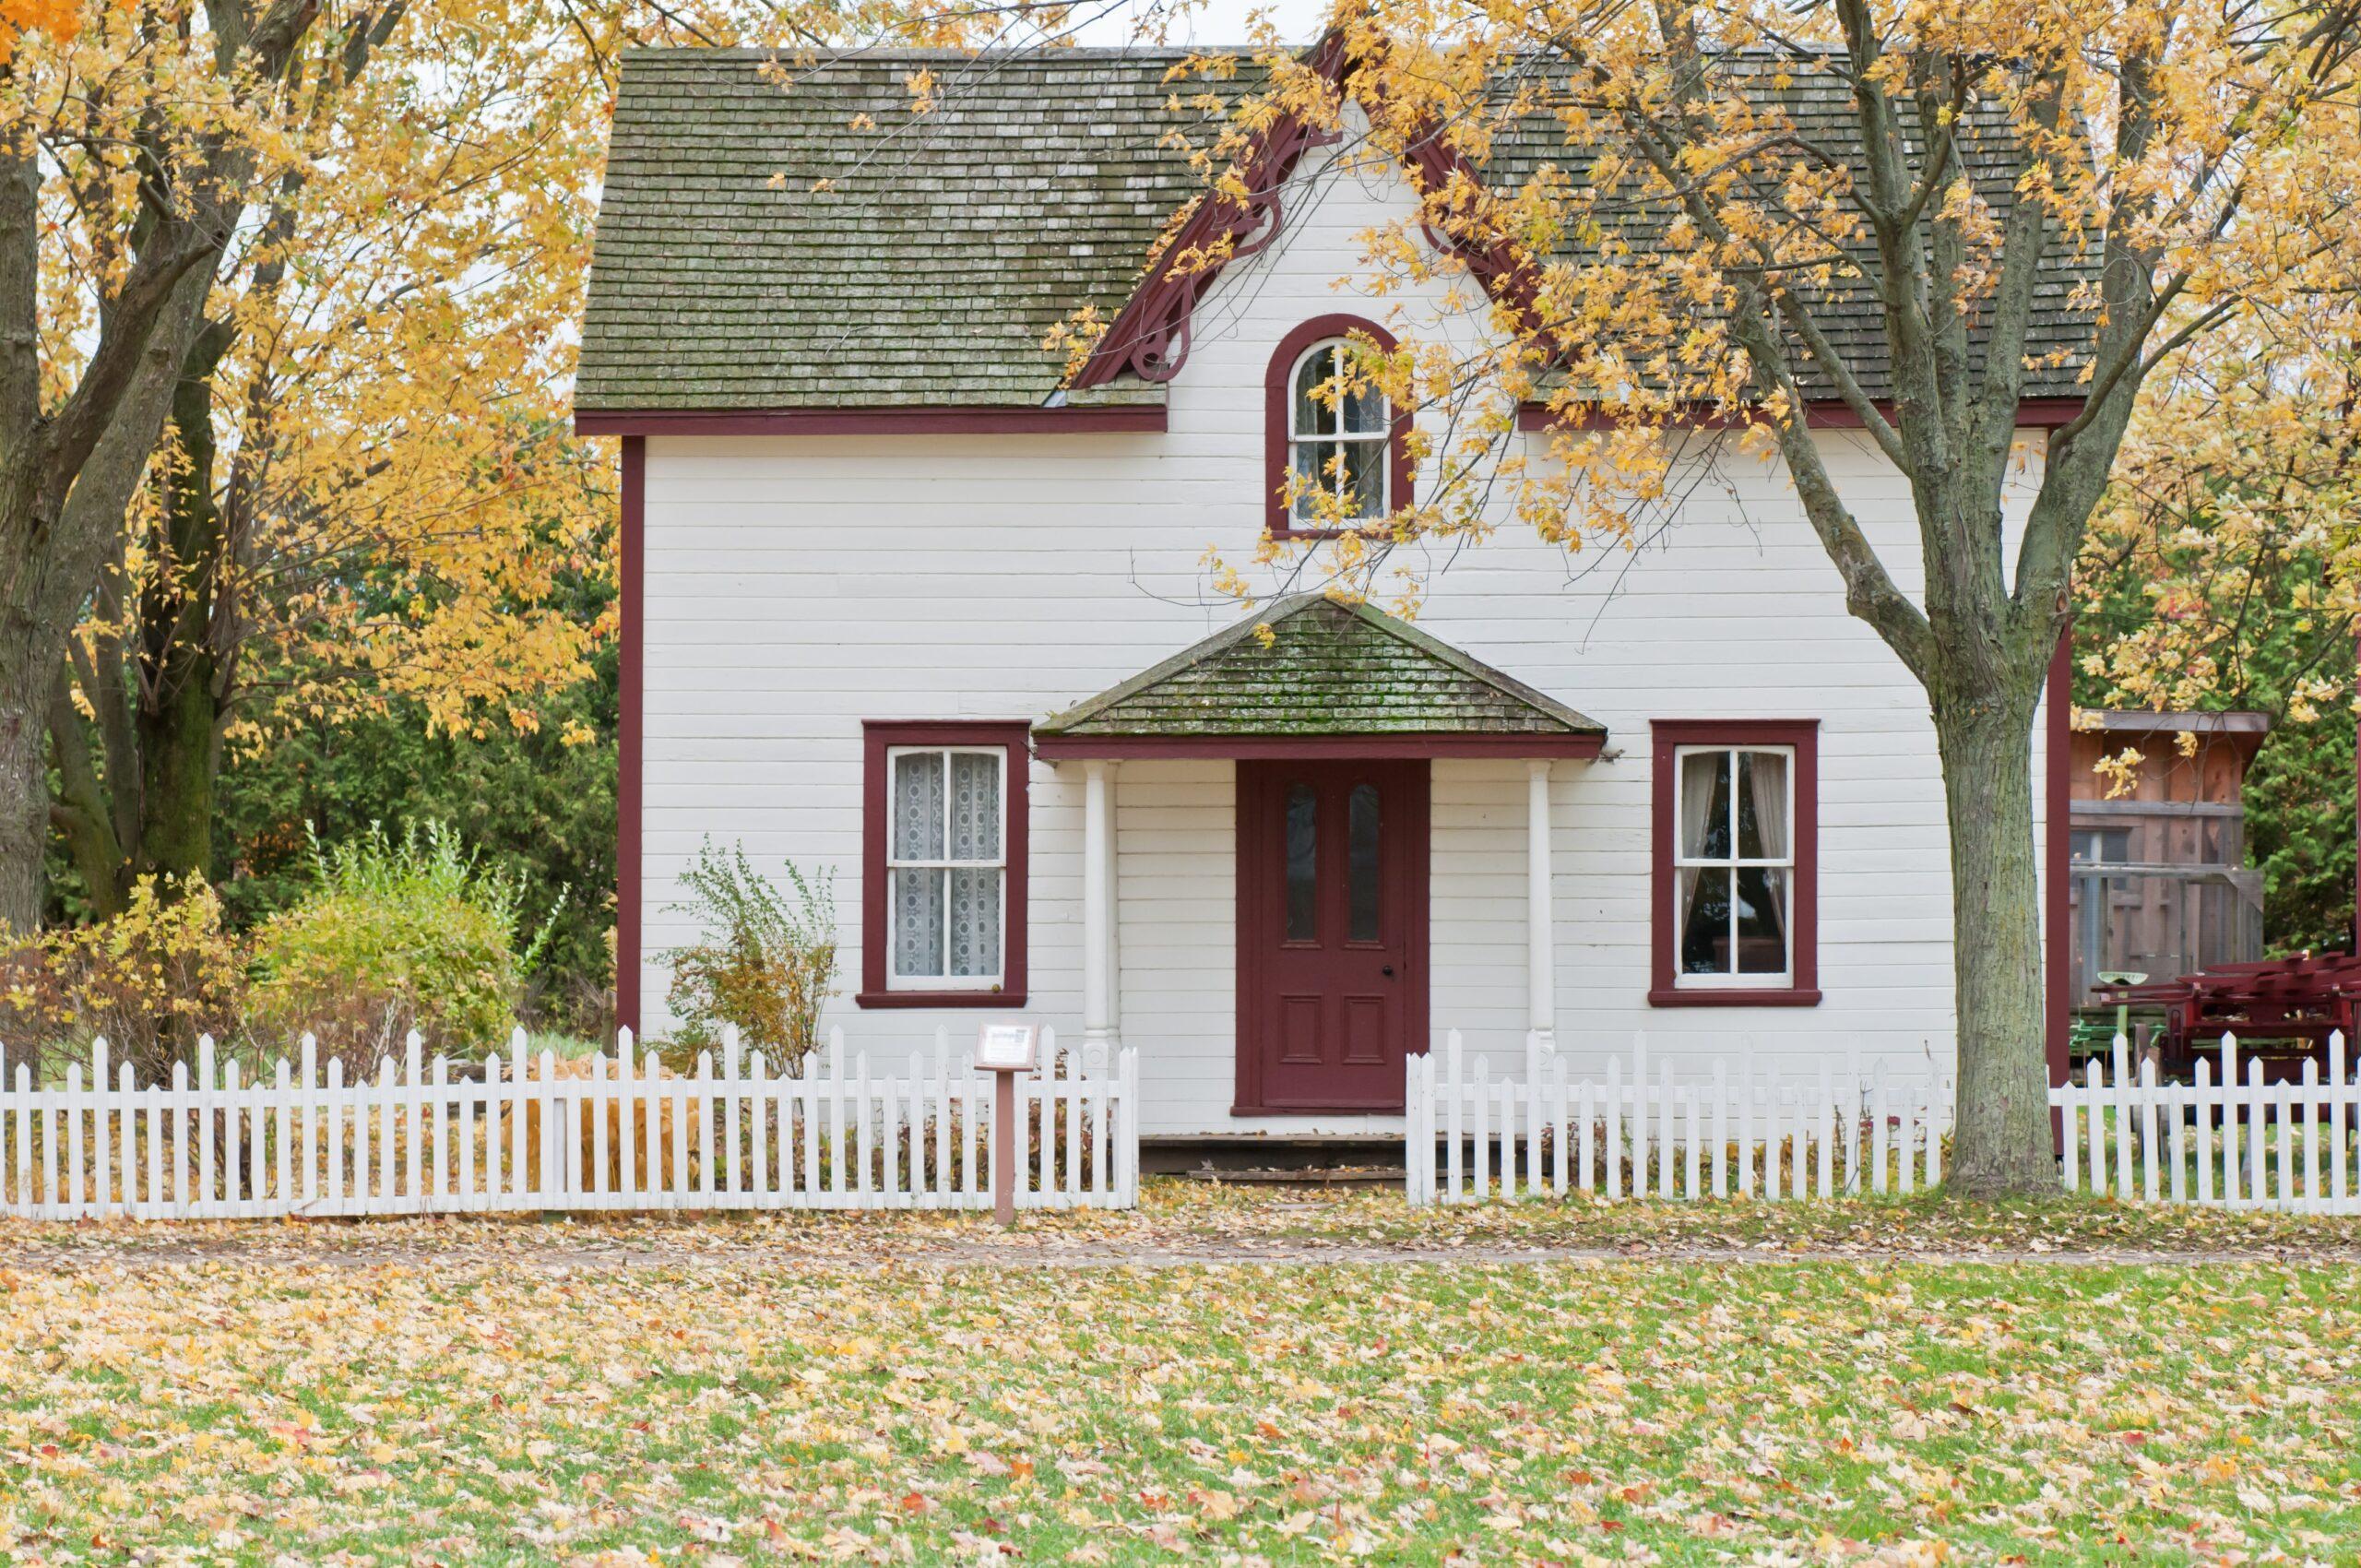 Szukanie pierwszego domu – na co zwrócić uwagę?